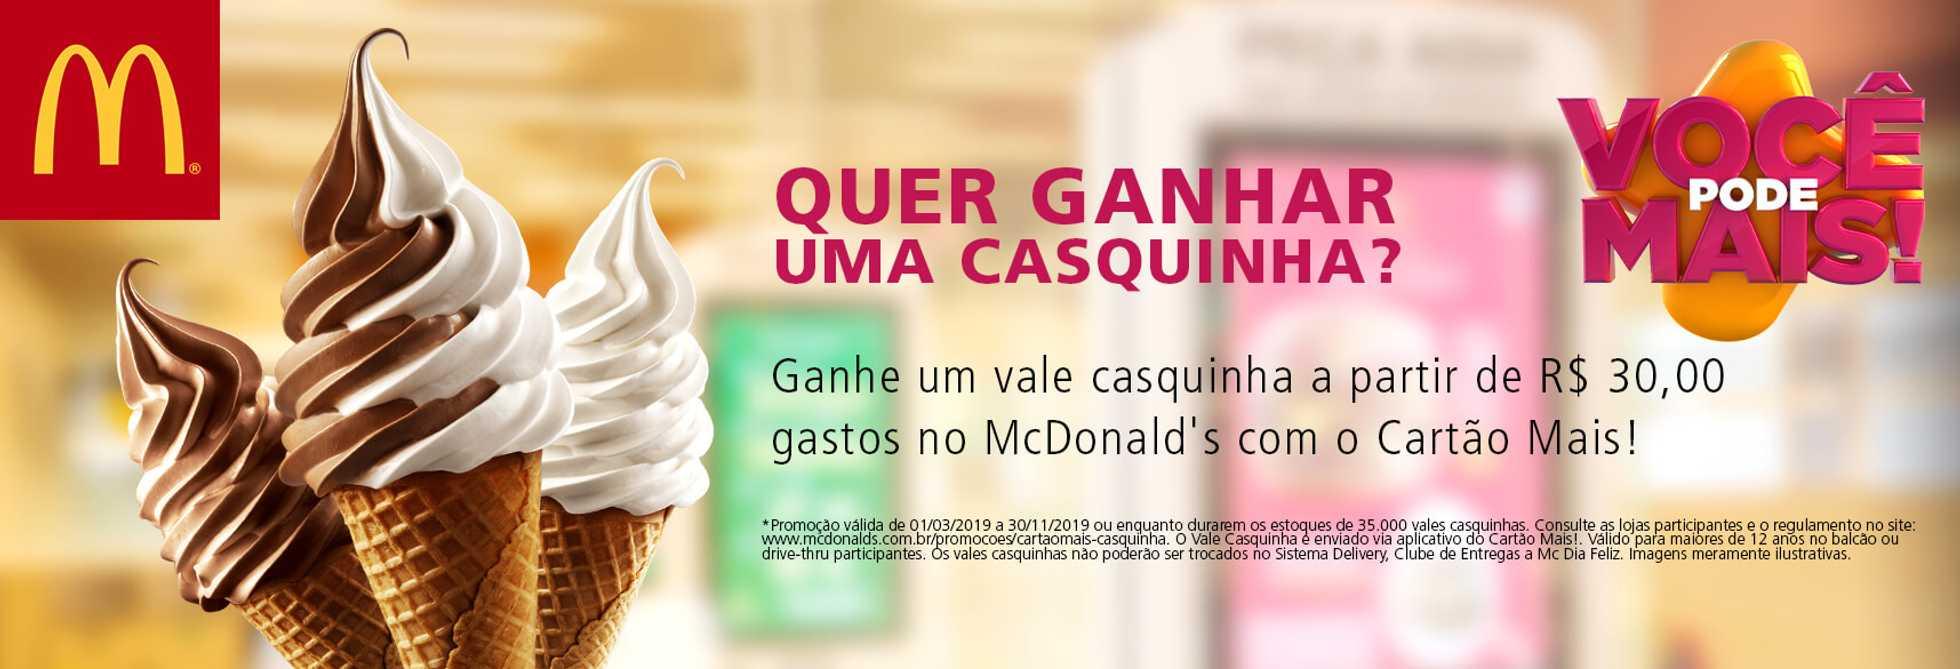 McDonald's - encarte válido de 01.02.2019 até 30.11.2019 - página 1.